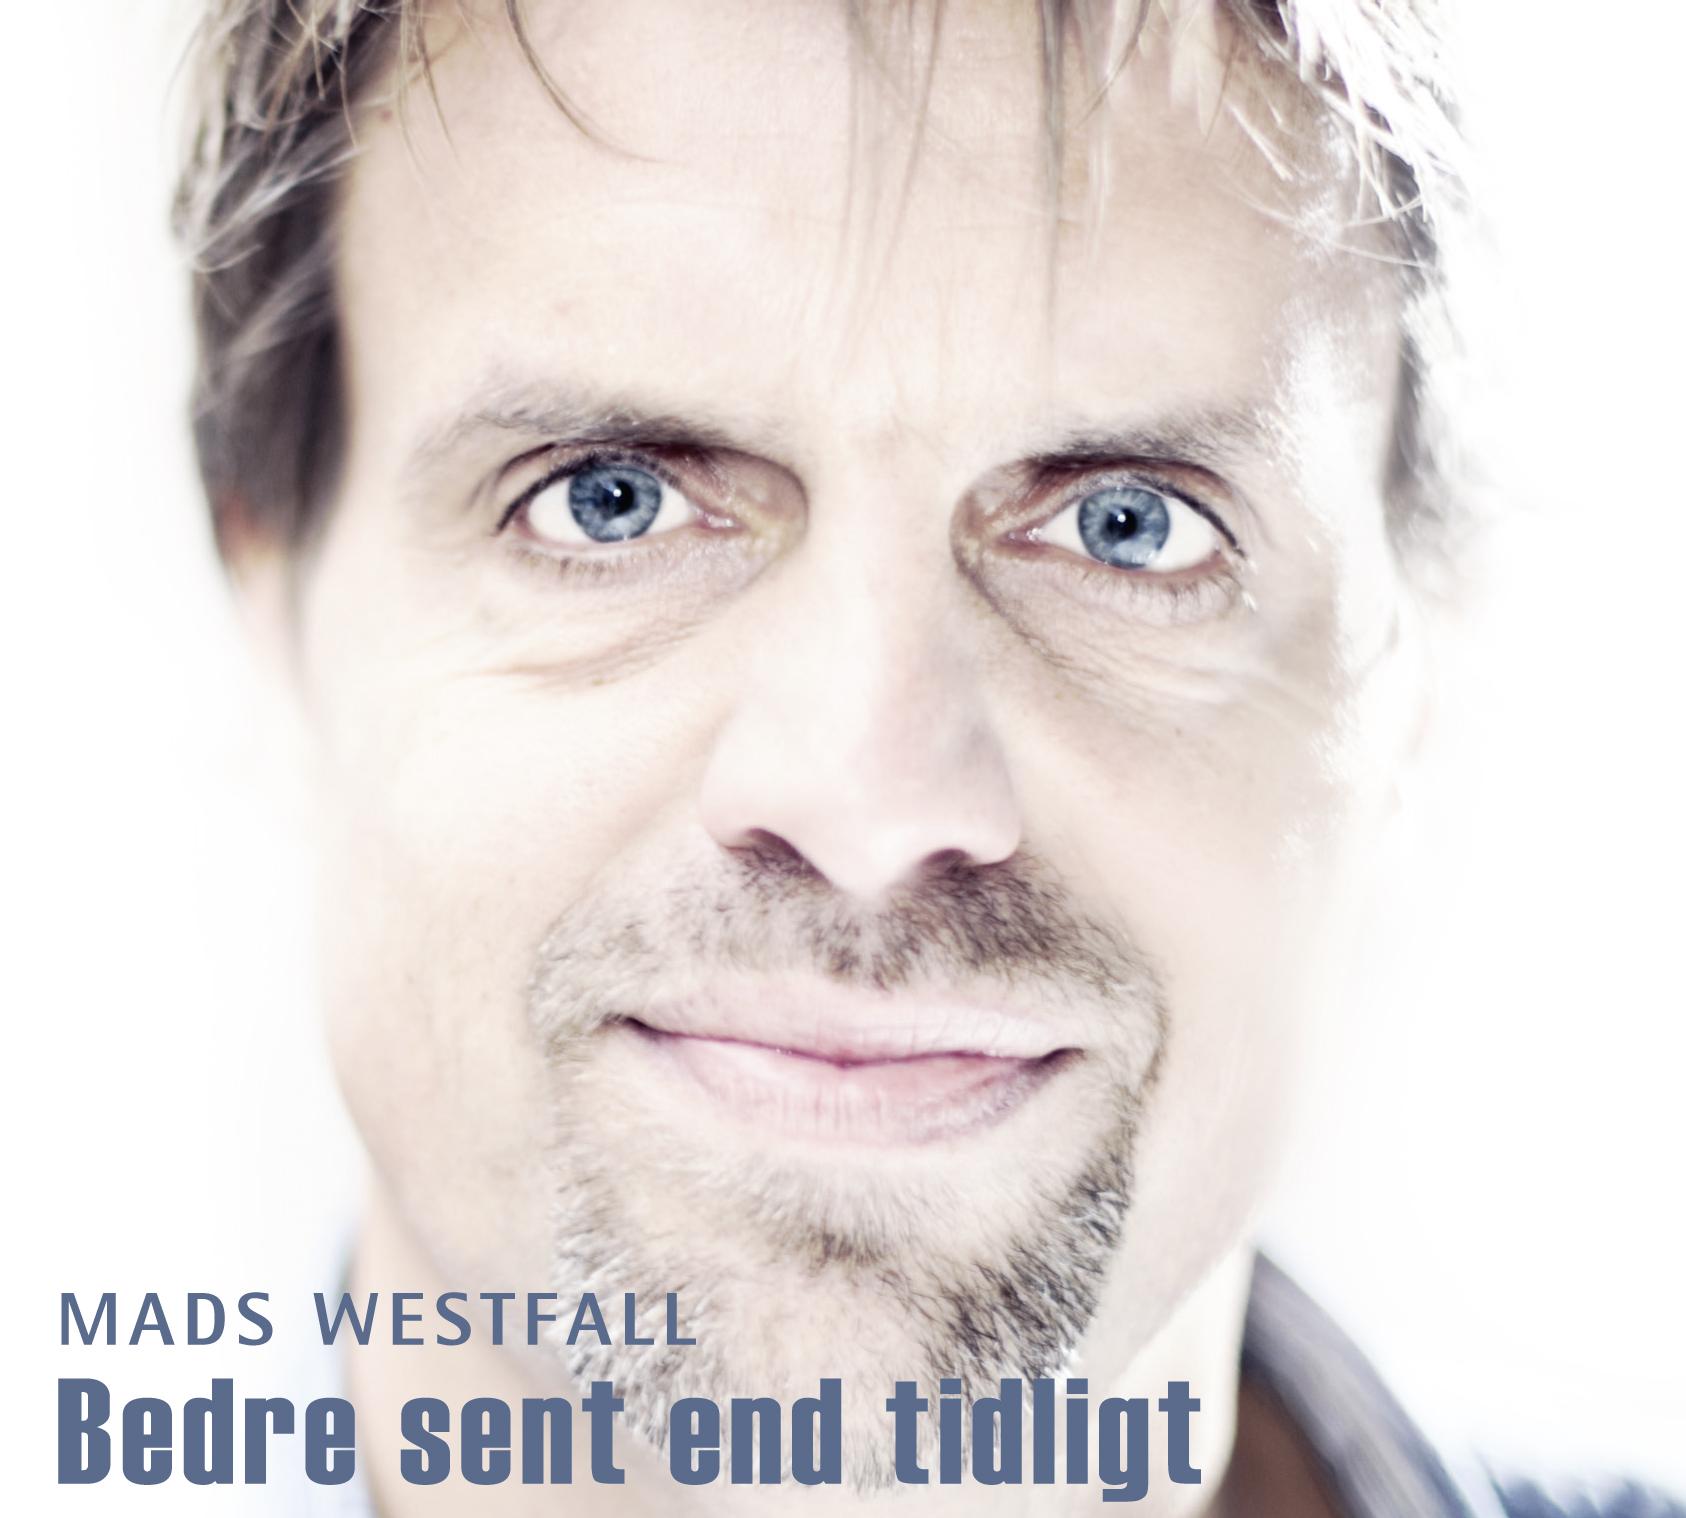 Bedre Sent End Tidligt - Mads Westfall - Musik - GTW - 5707471019702 - 24/1-2011